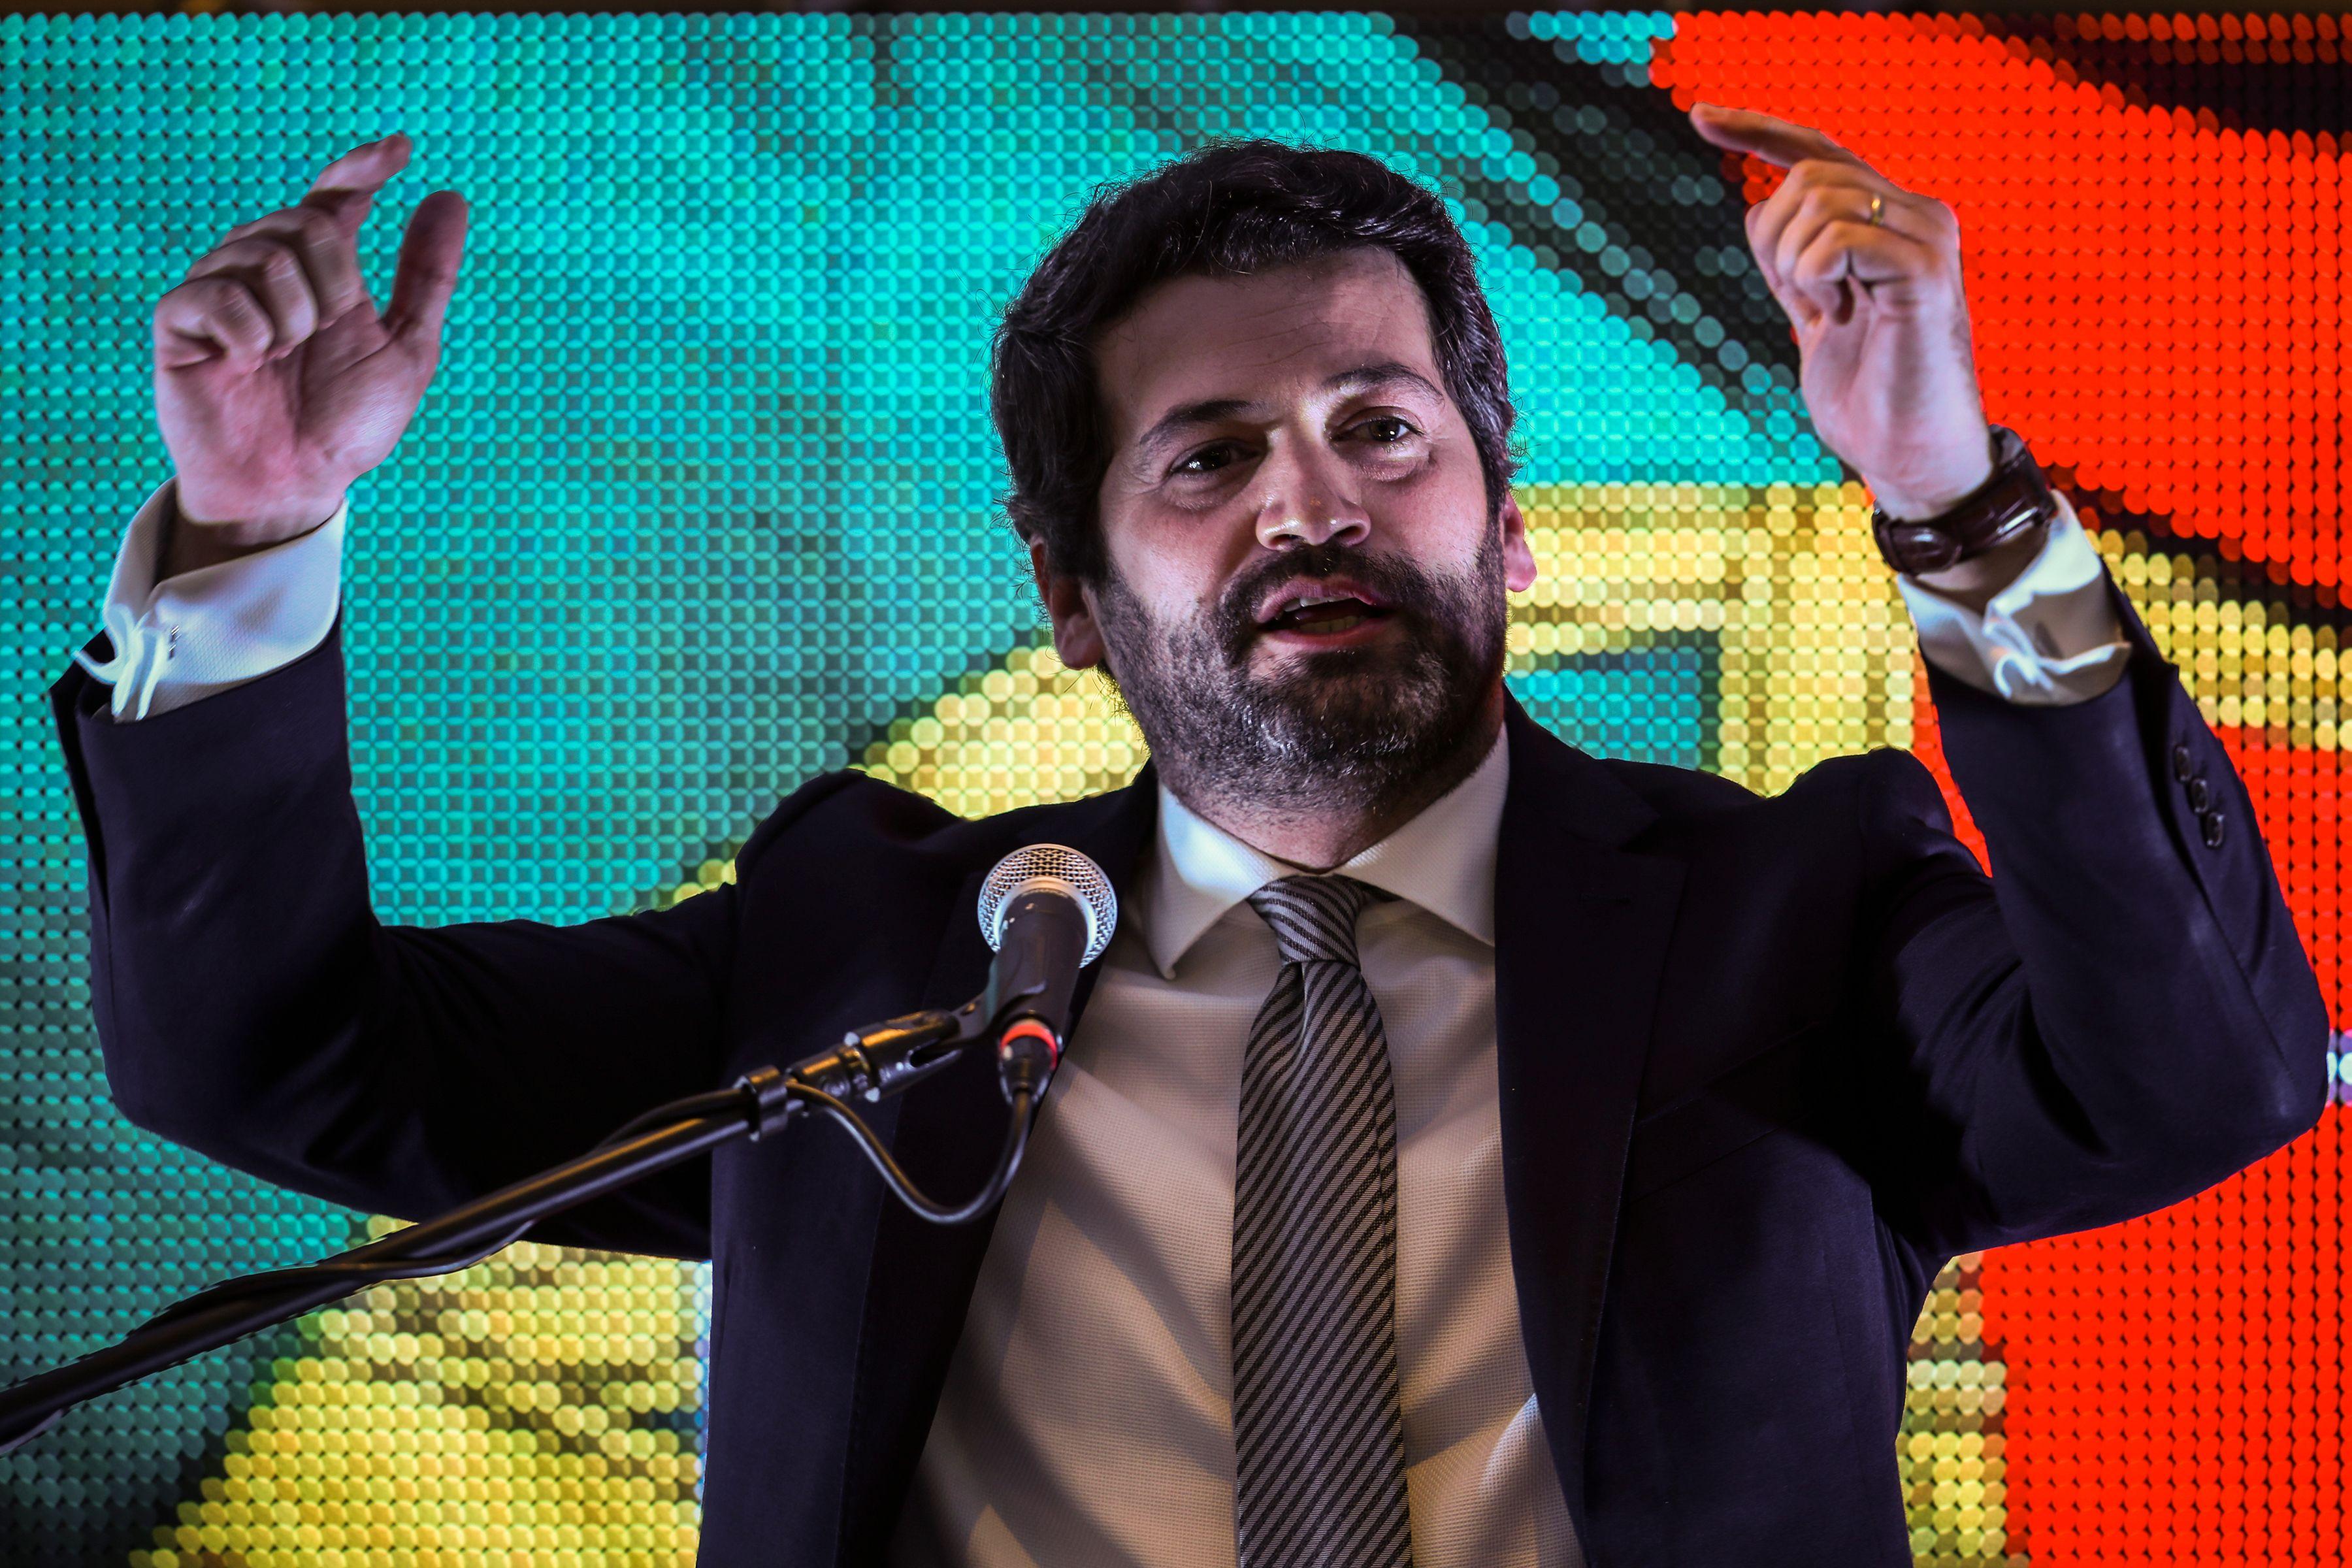 El líder del partido Chega, André Ventura.